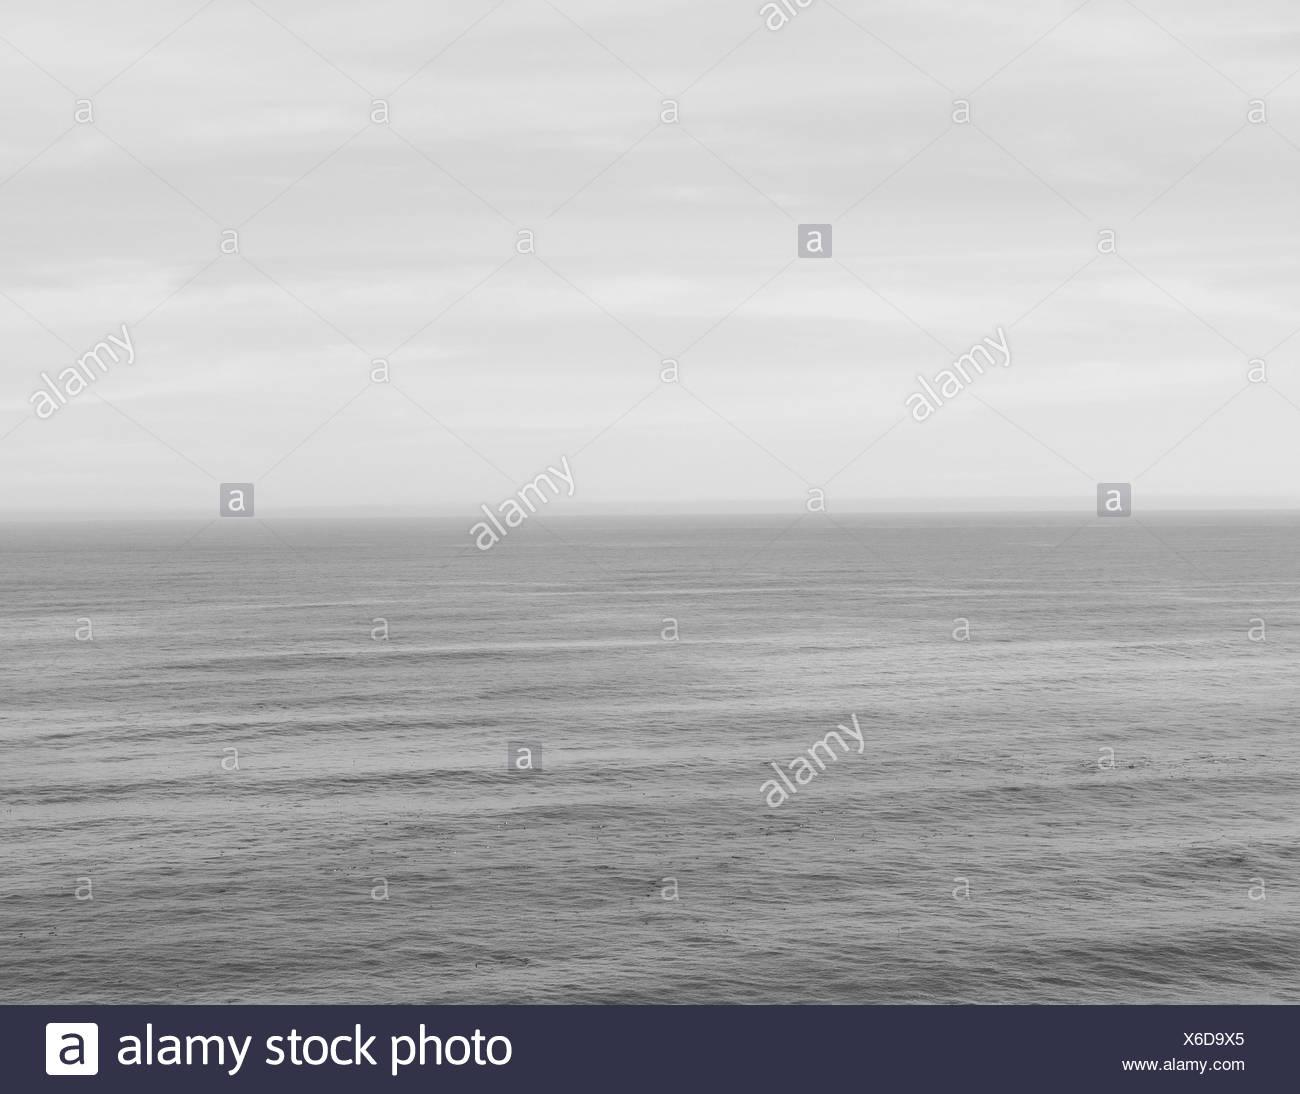 El mar se confunde con el cielo de la costa de California en Big Sur. Foto de stock